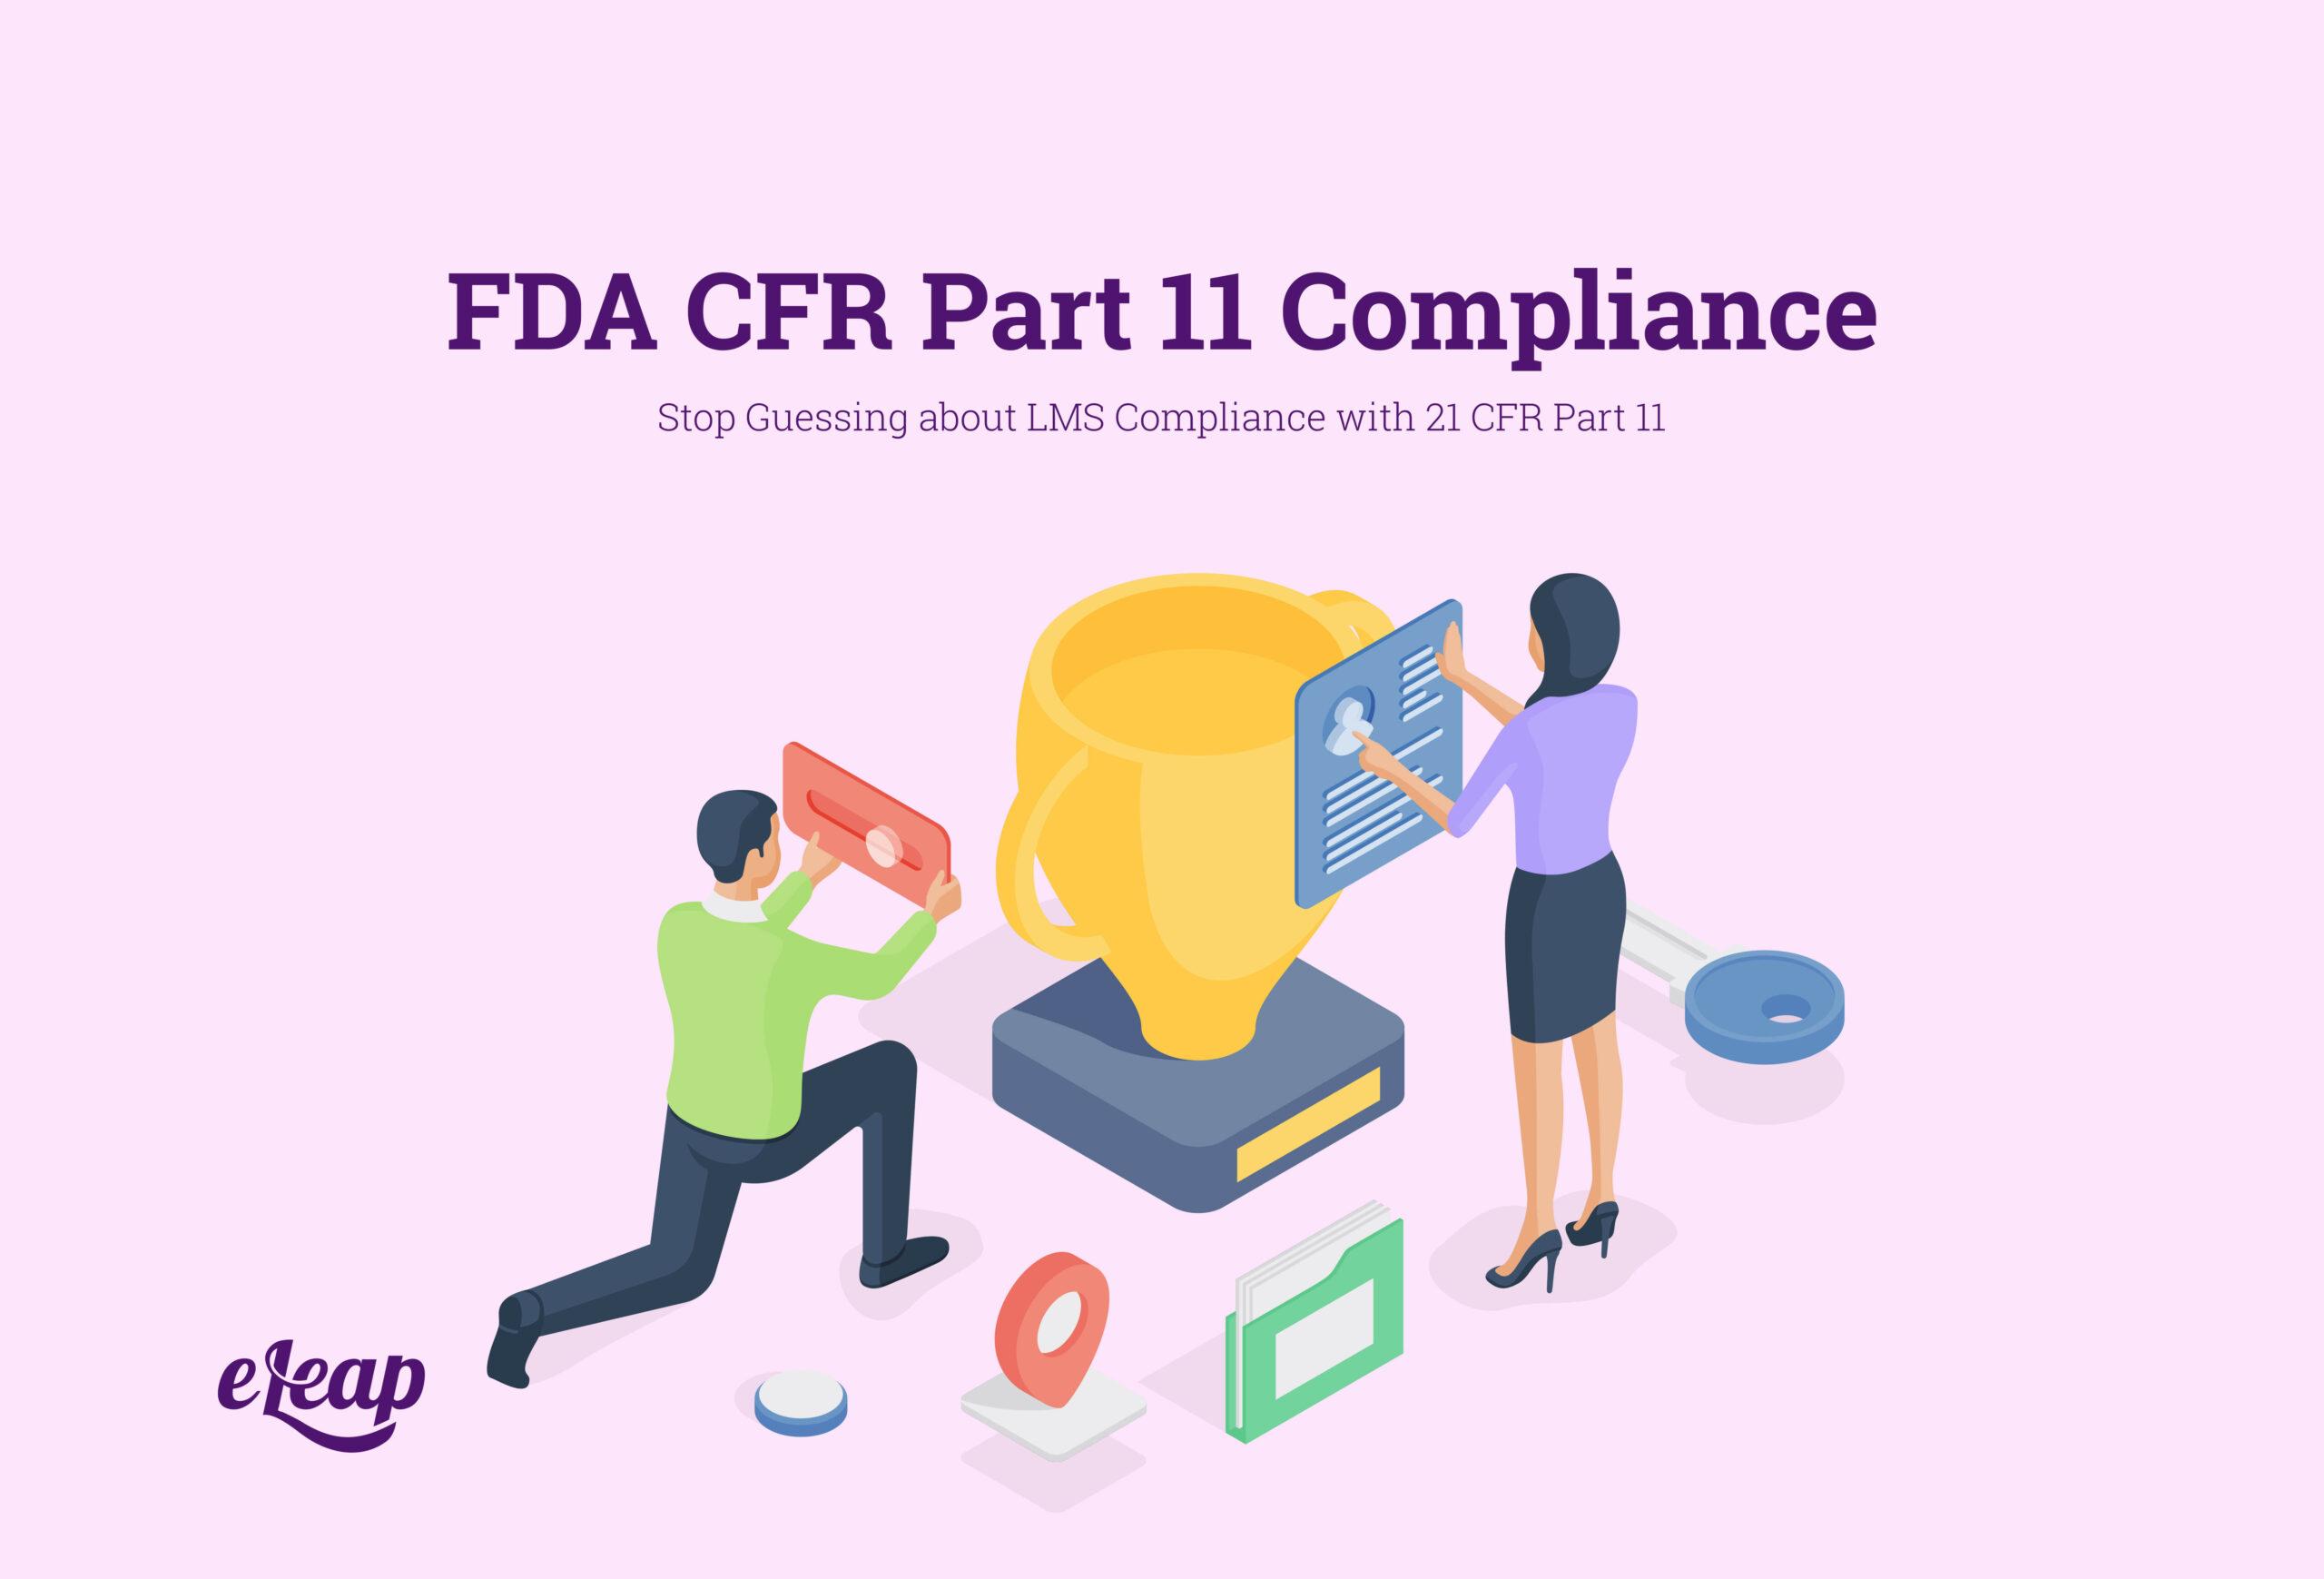 FDA CFR Part 11 Compliance